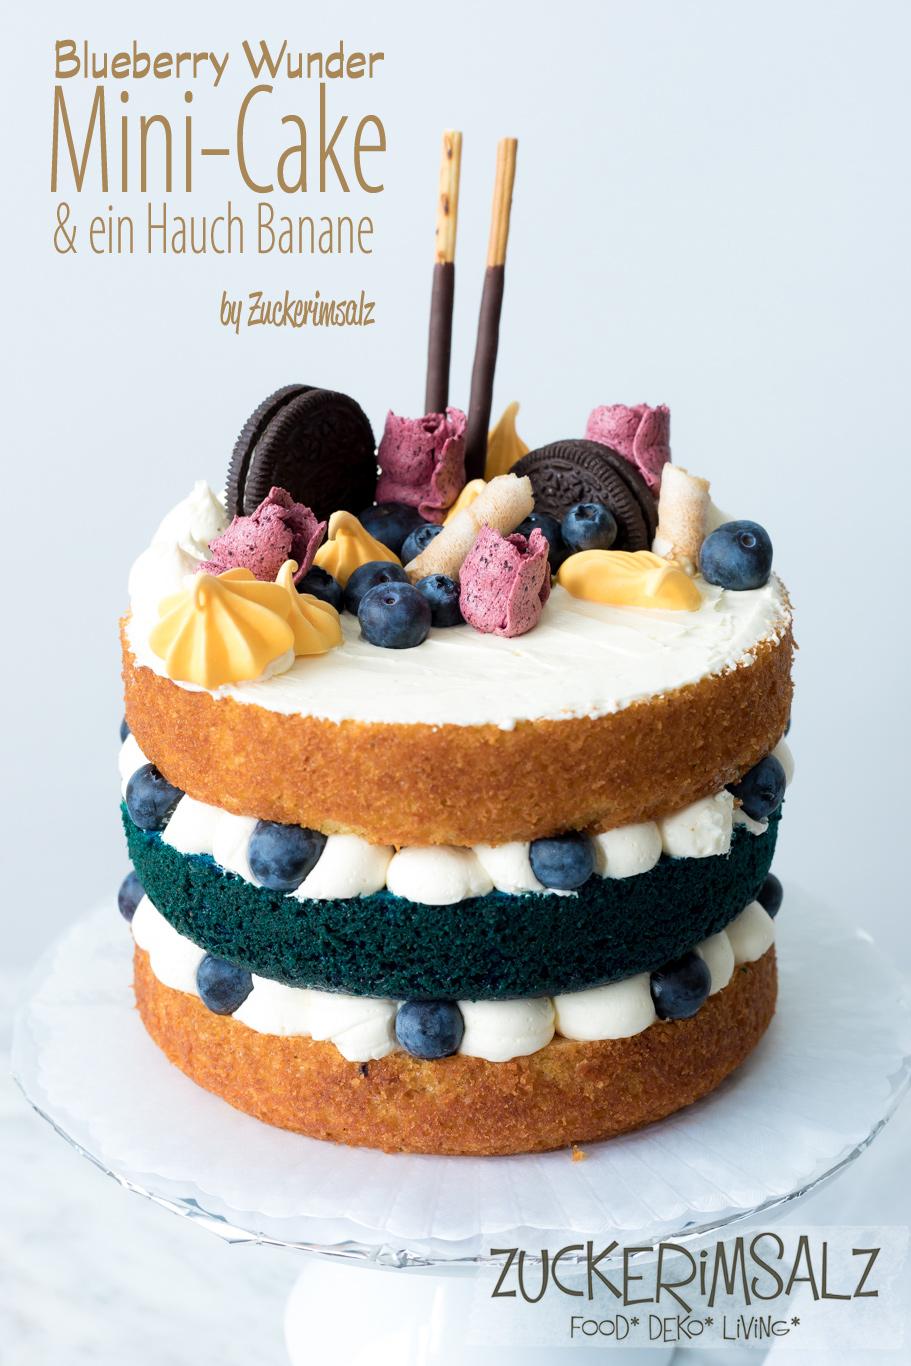 fantastische Gugl & herrliche Kuchen - cover